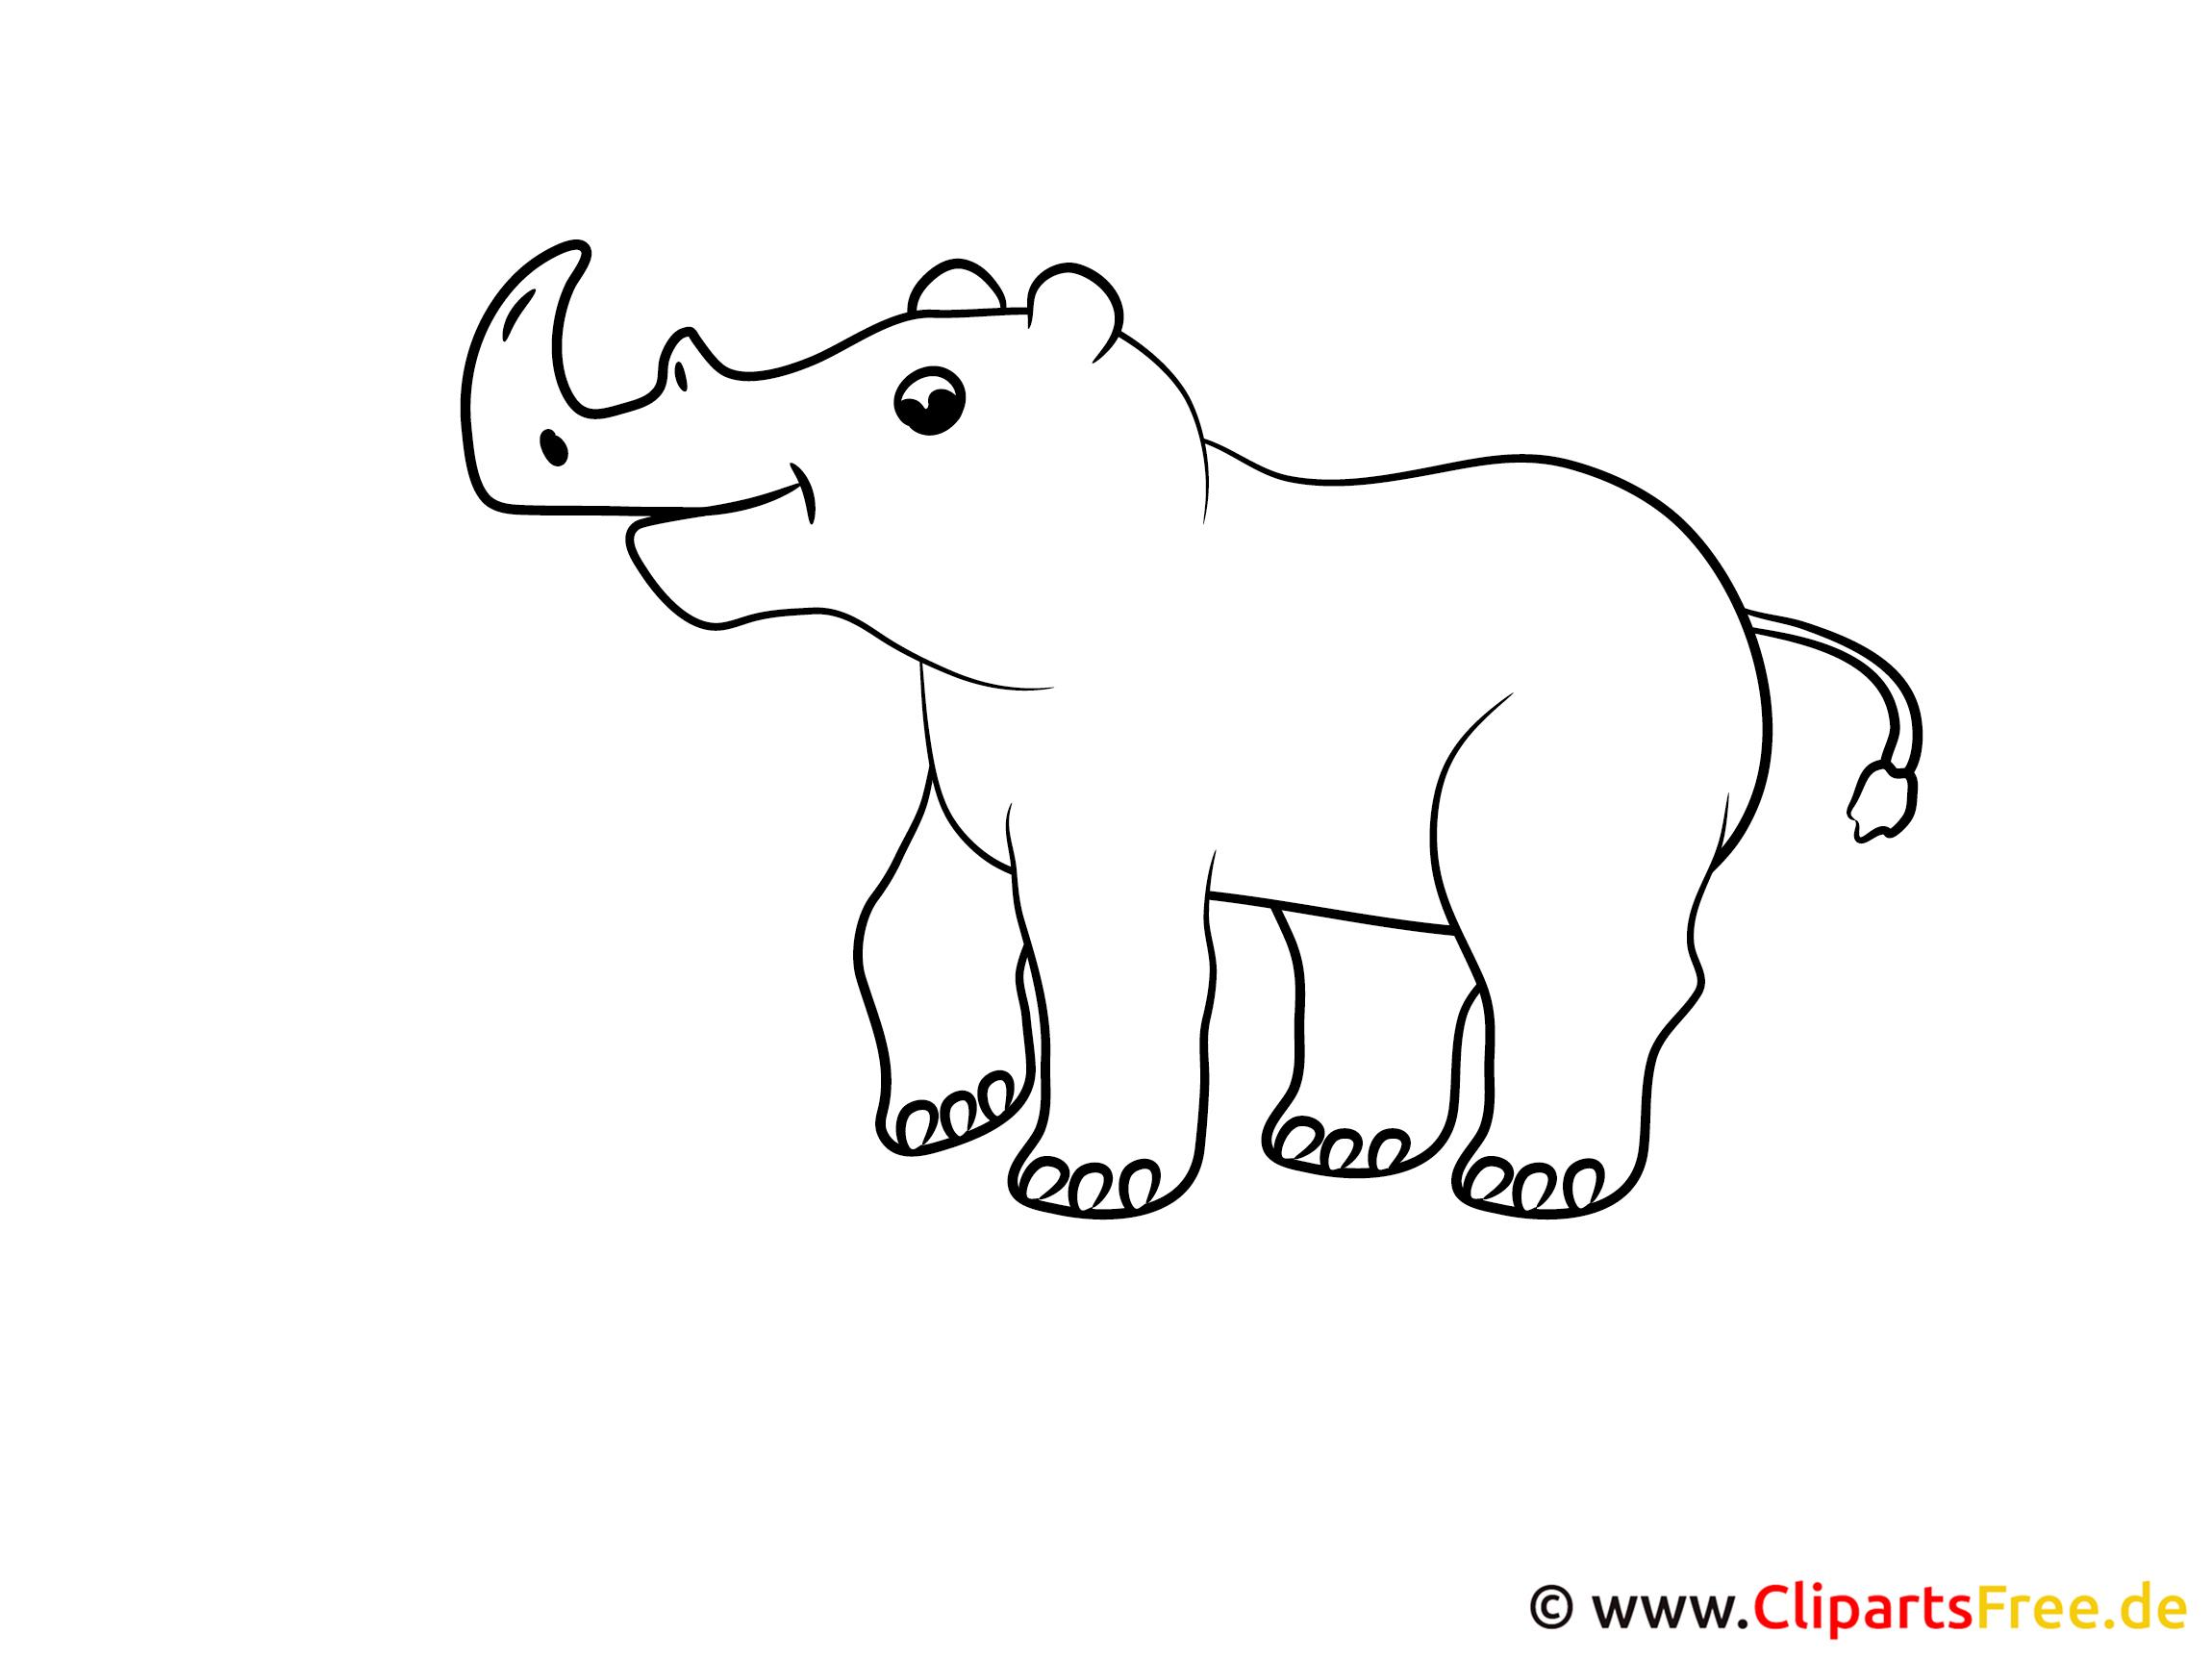 Malvorlage kostenlos Ausdrucken Nashorn